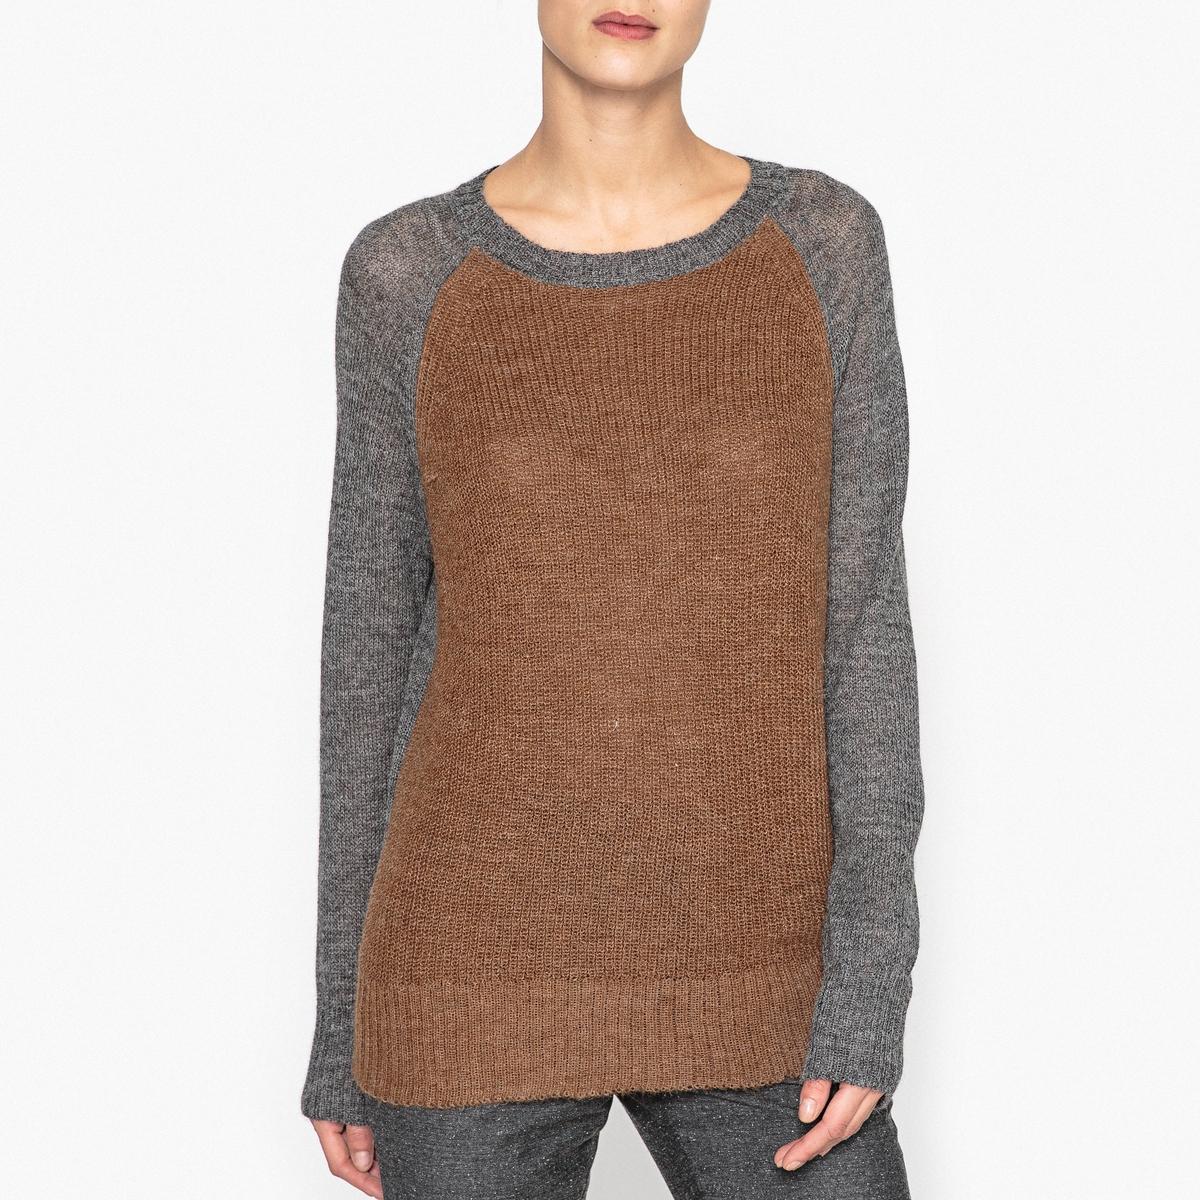 Пуловер двухцветный из альпаки PIUMITOОписание:Пуловер двухцветный с длинными рукавами DIEGA - модель PIUMITO. Вырез, низ и манжеты с отделкой в рубчик.Детали •  Длинные рукава •  Круглый вырез •  Тонкий трикотажСостав и уход •  100% альпака •  Следуйте рекомендациям по уходу, указанным на этикетке изделия<br><br>Цвет: темно-бежевый<br>Размер: S